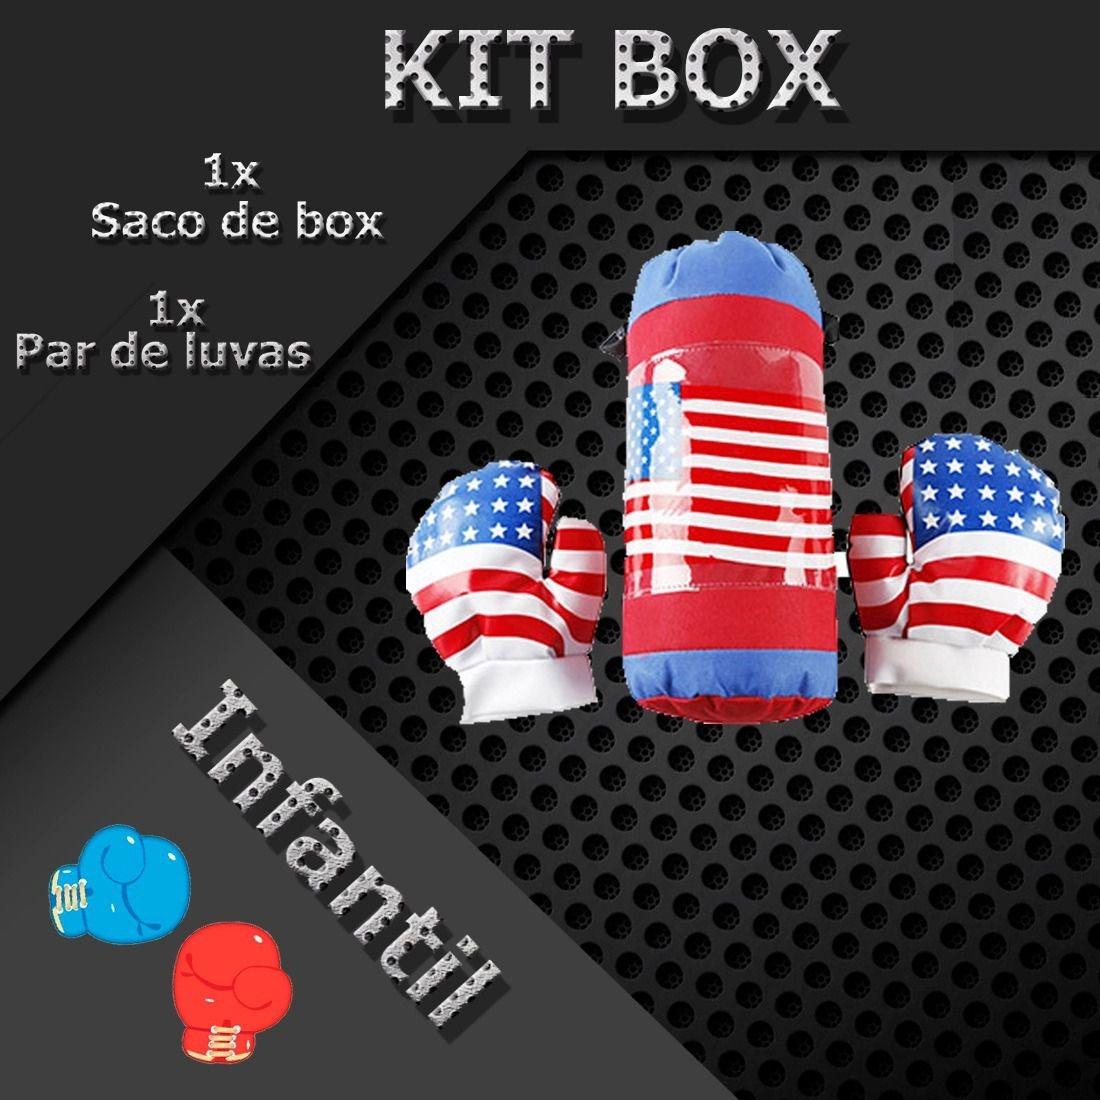 e6d04dc12 pancada luva saco box infantil criança promoção kit boxe eua. Carregando  zoom.